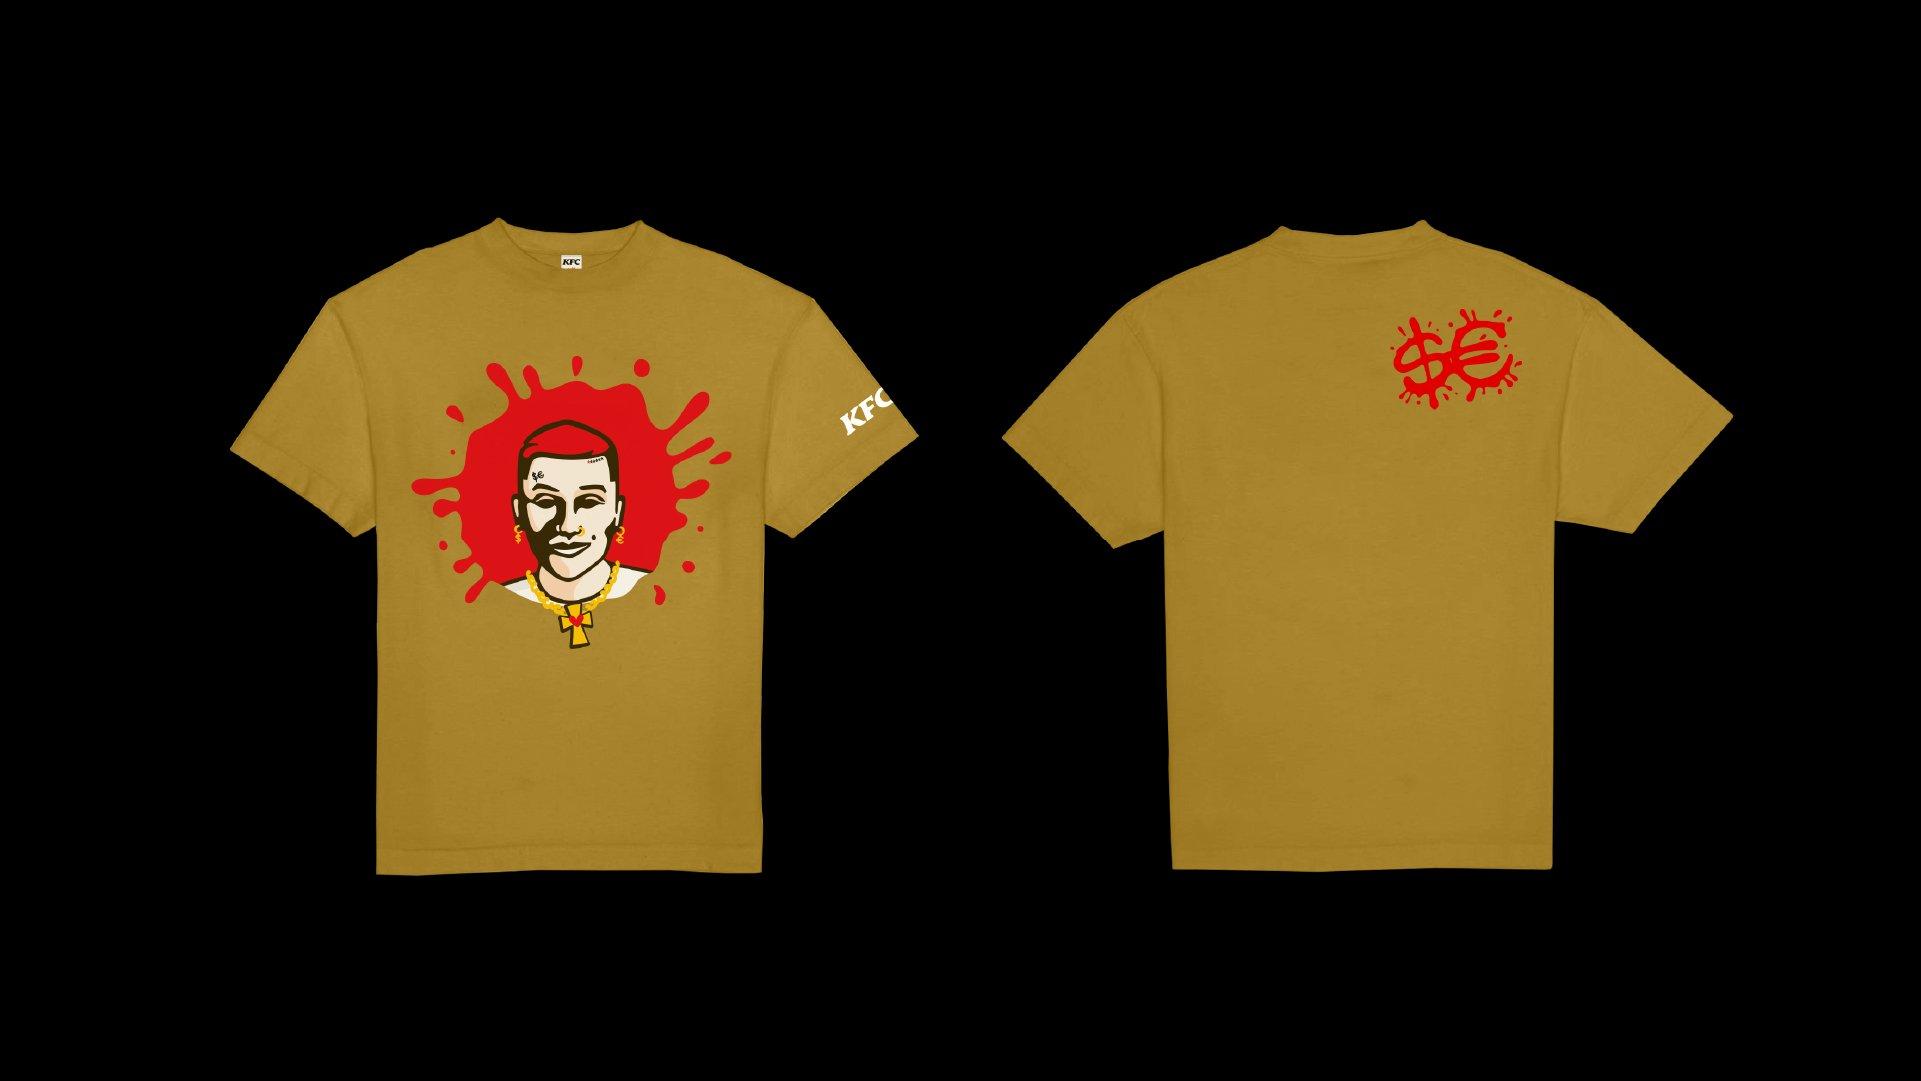 SFERA KFC MERCH 2020 tshirts 01